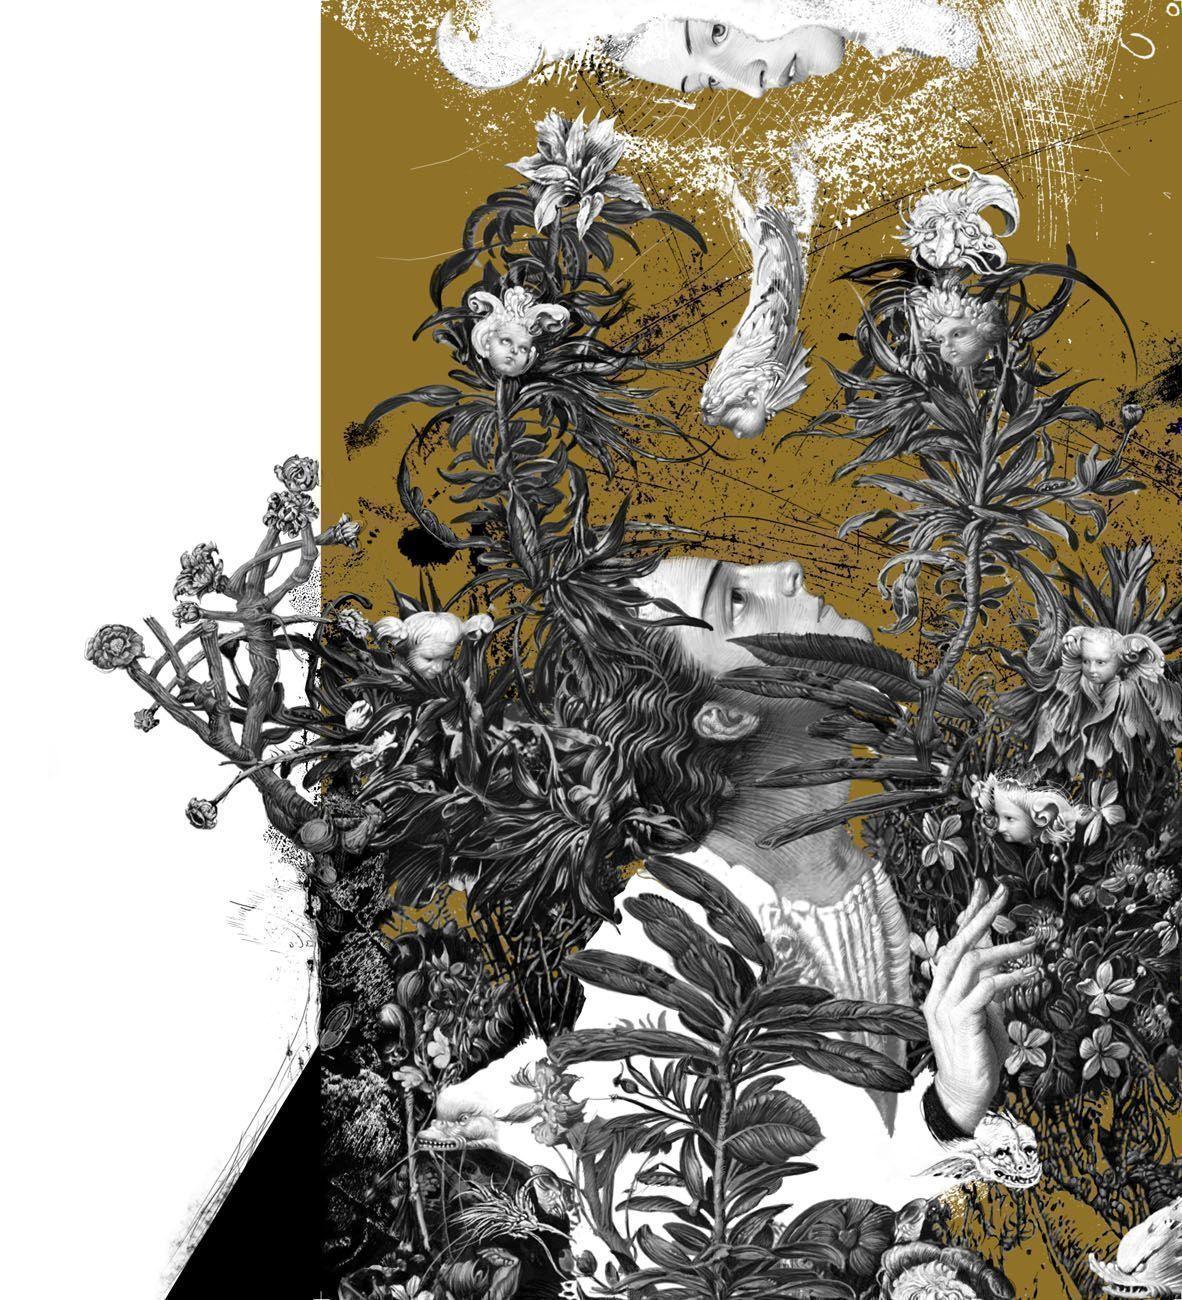 Интервью с Владиславом Ерко о новой книге – пьесе Шекспира «Ромео и Джульетта»